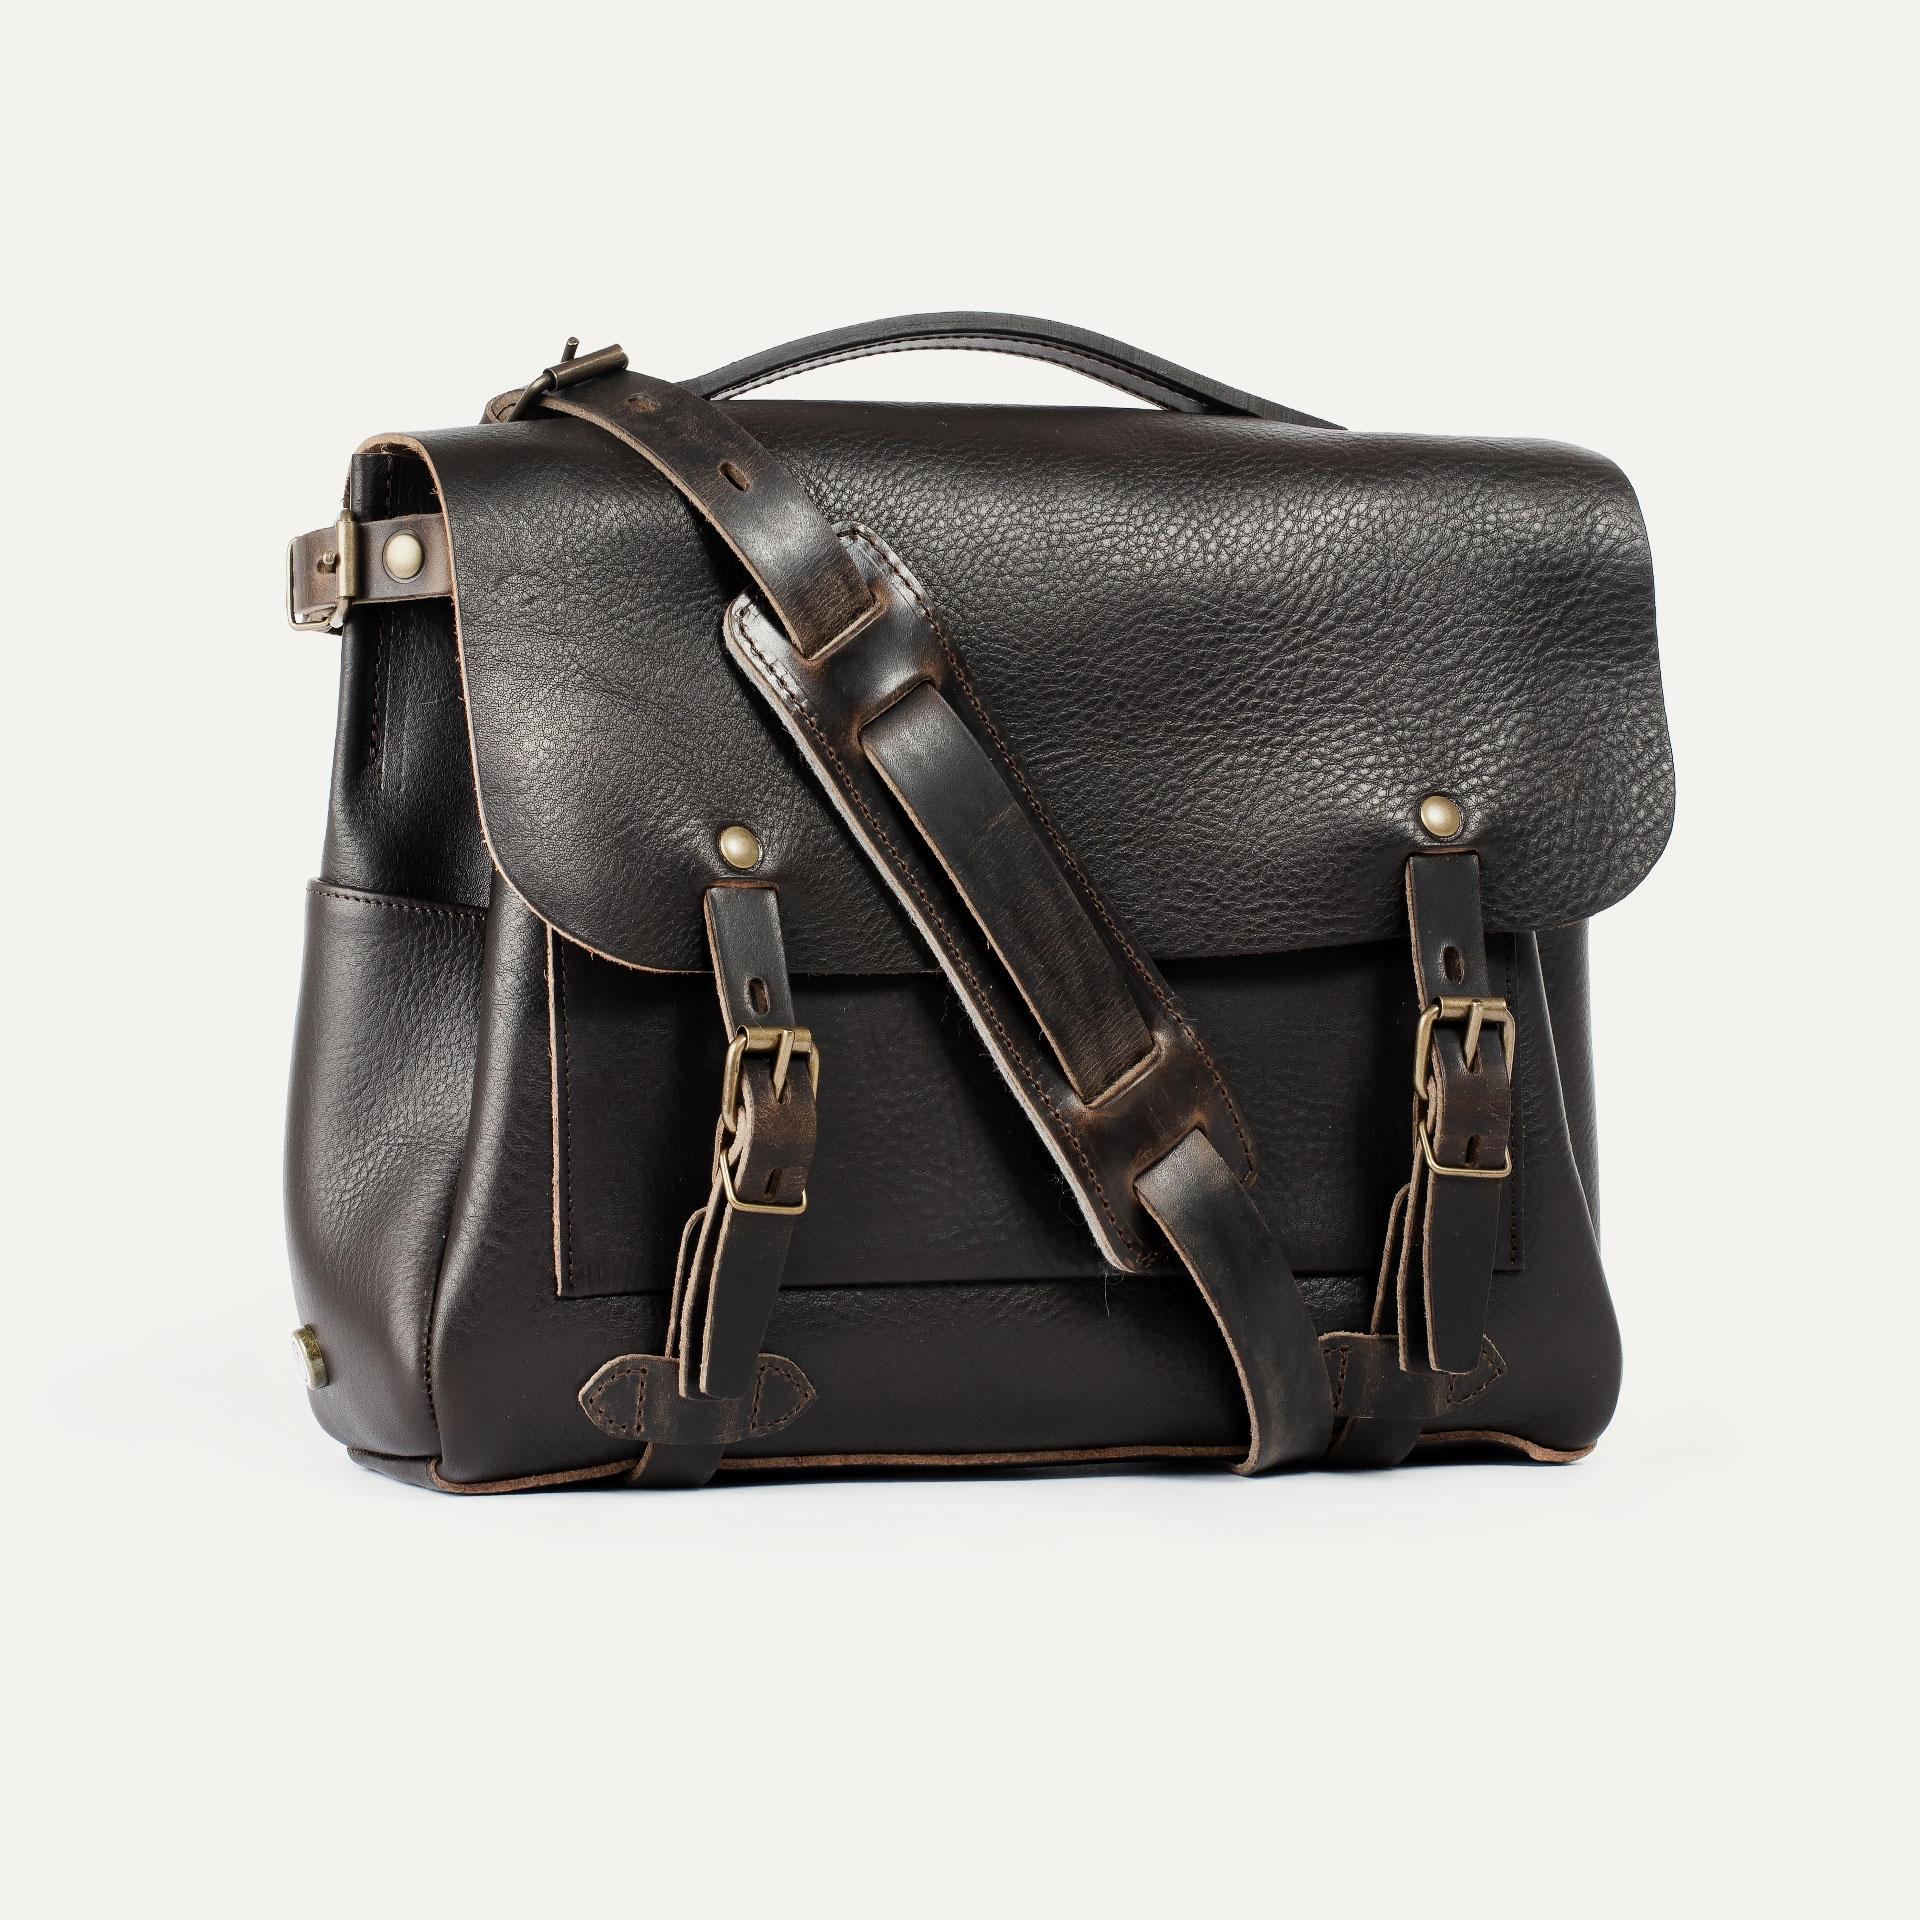 Postman bag Eclair M - T Moro (image n°2)